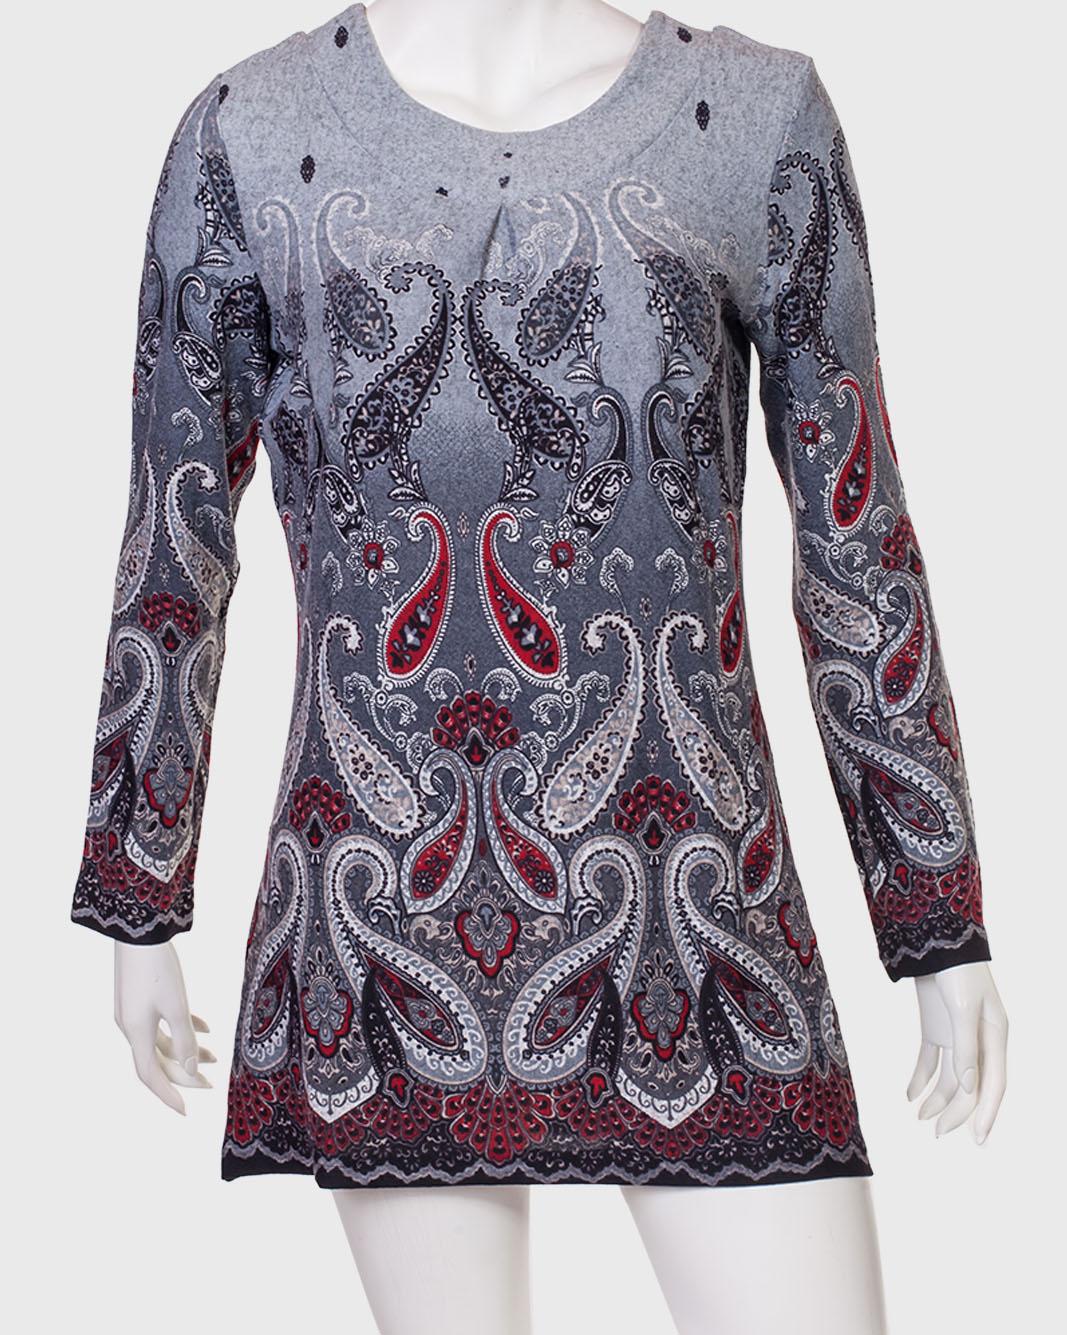 Купить коротенькое платьице от Select Woman